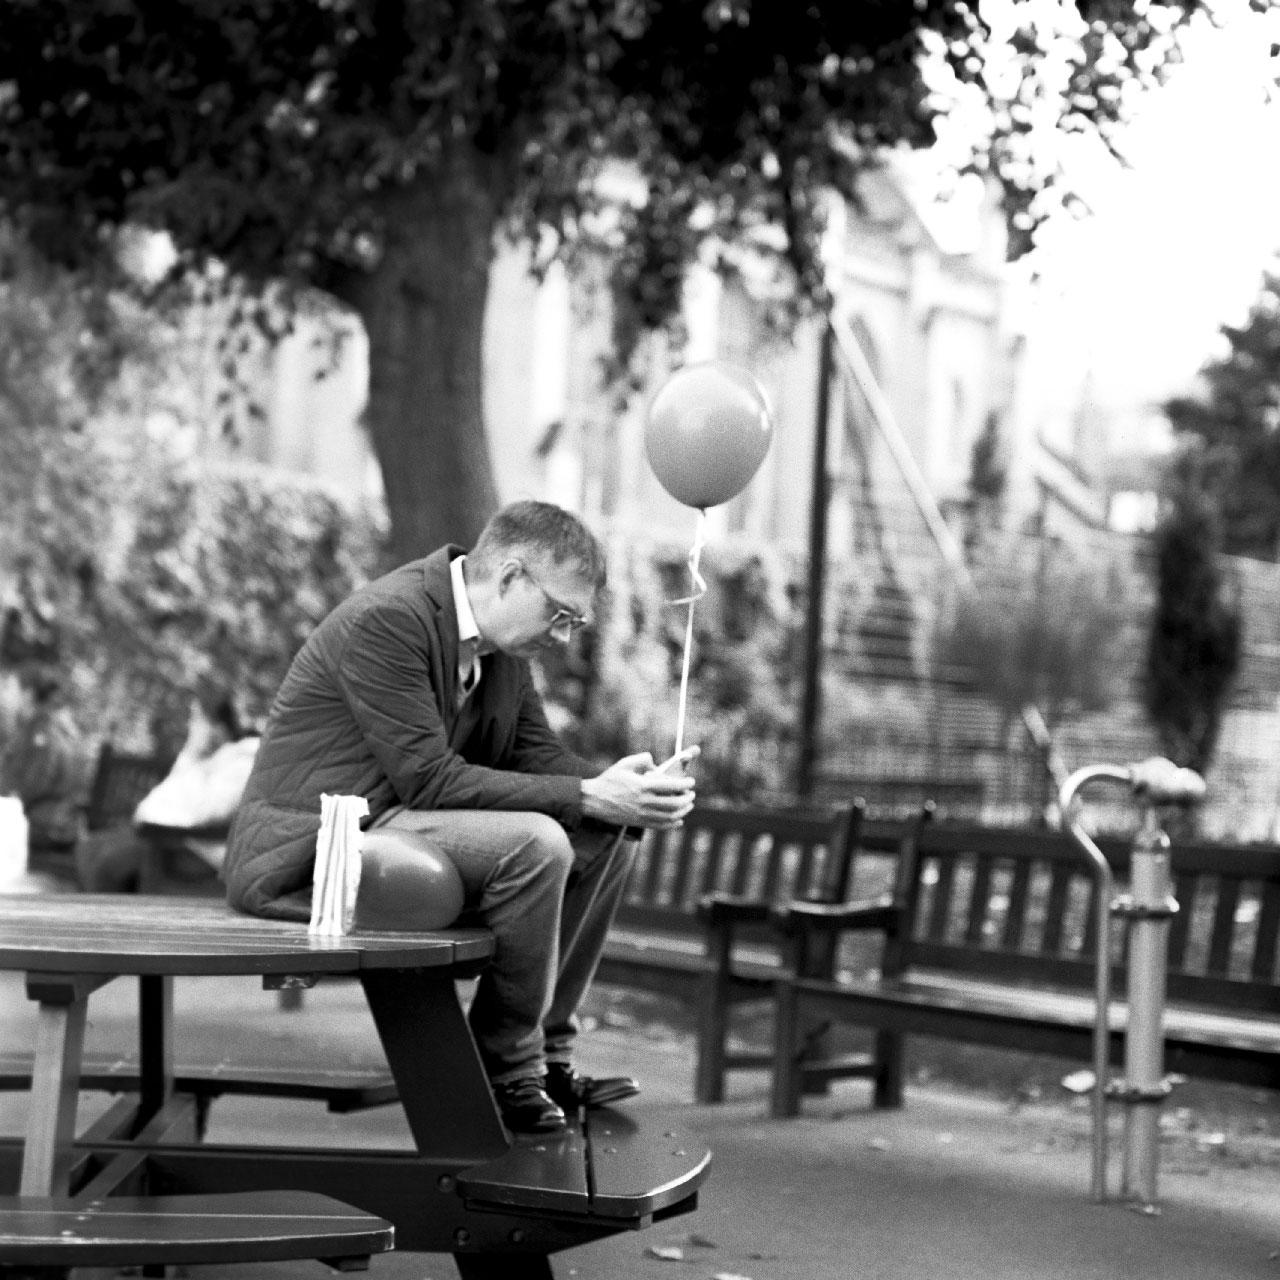 Balloon man at the playground